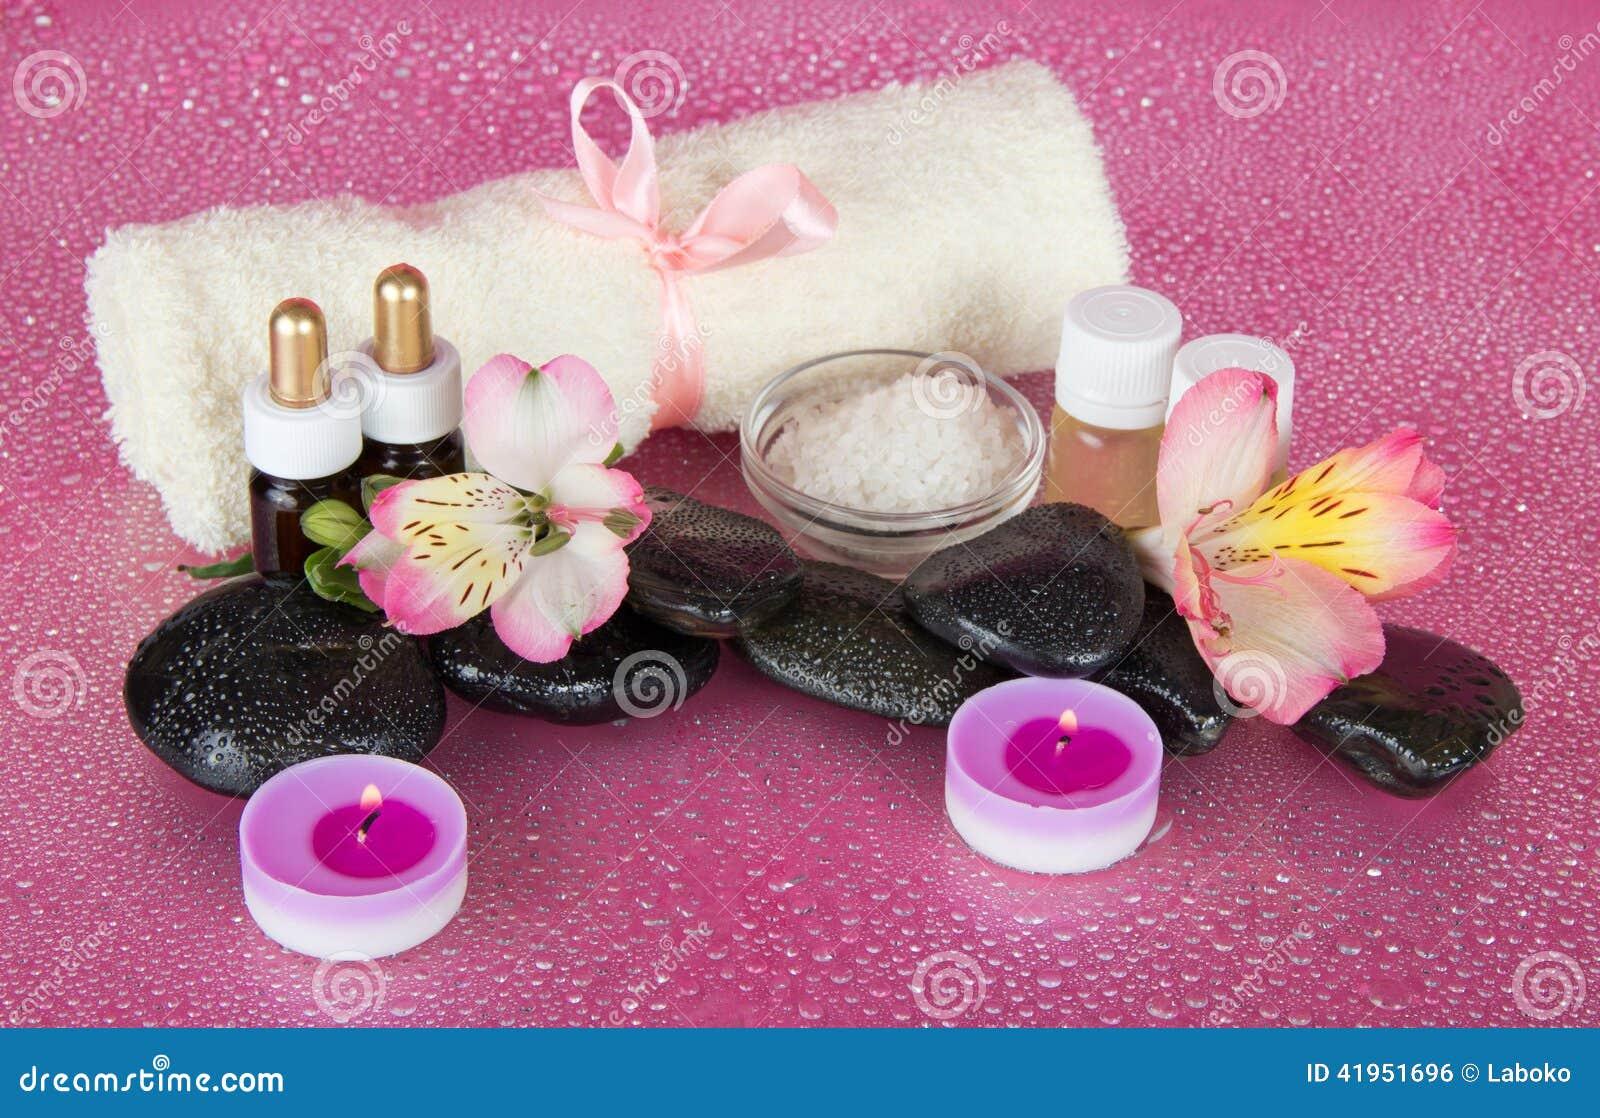 Zdroju set, świeczki i ręcznik,